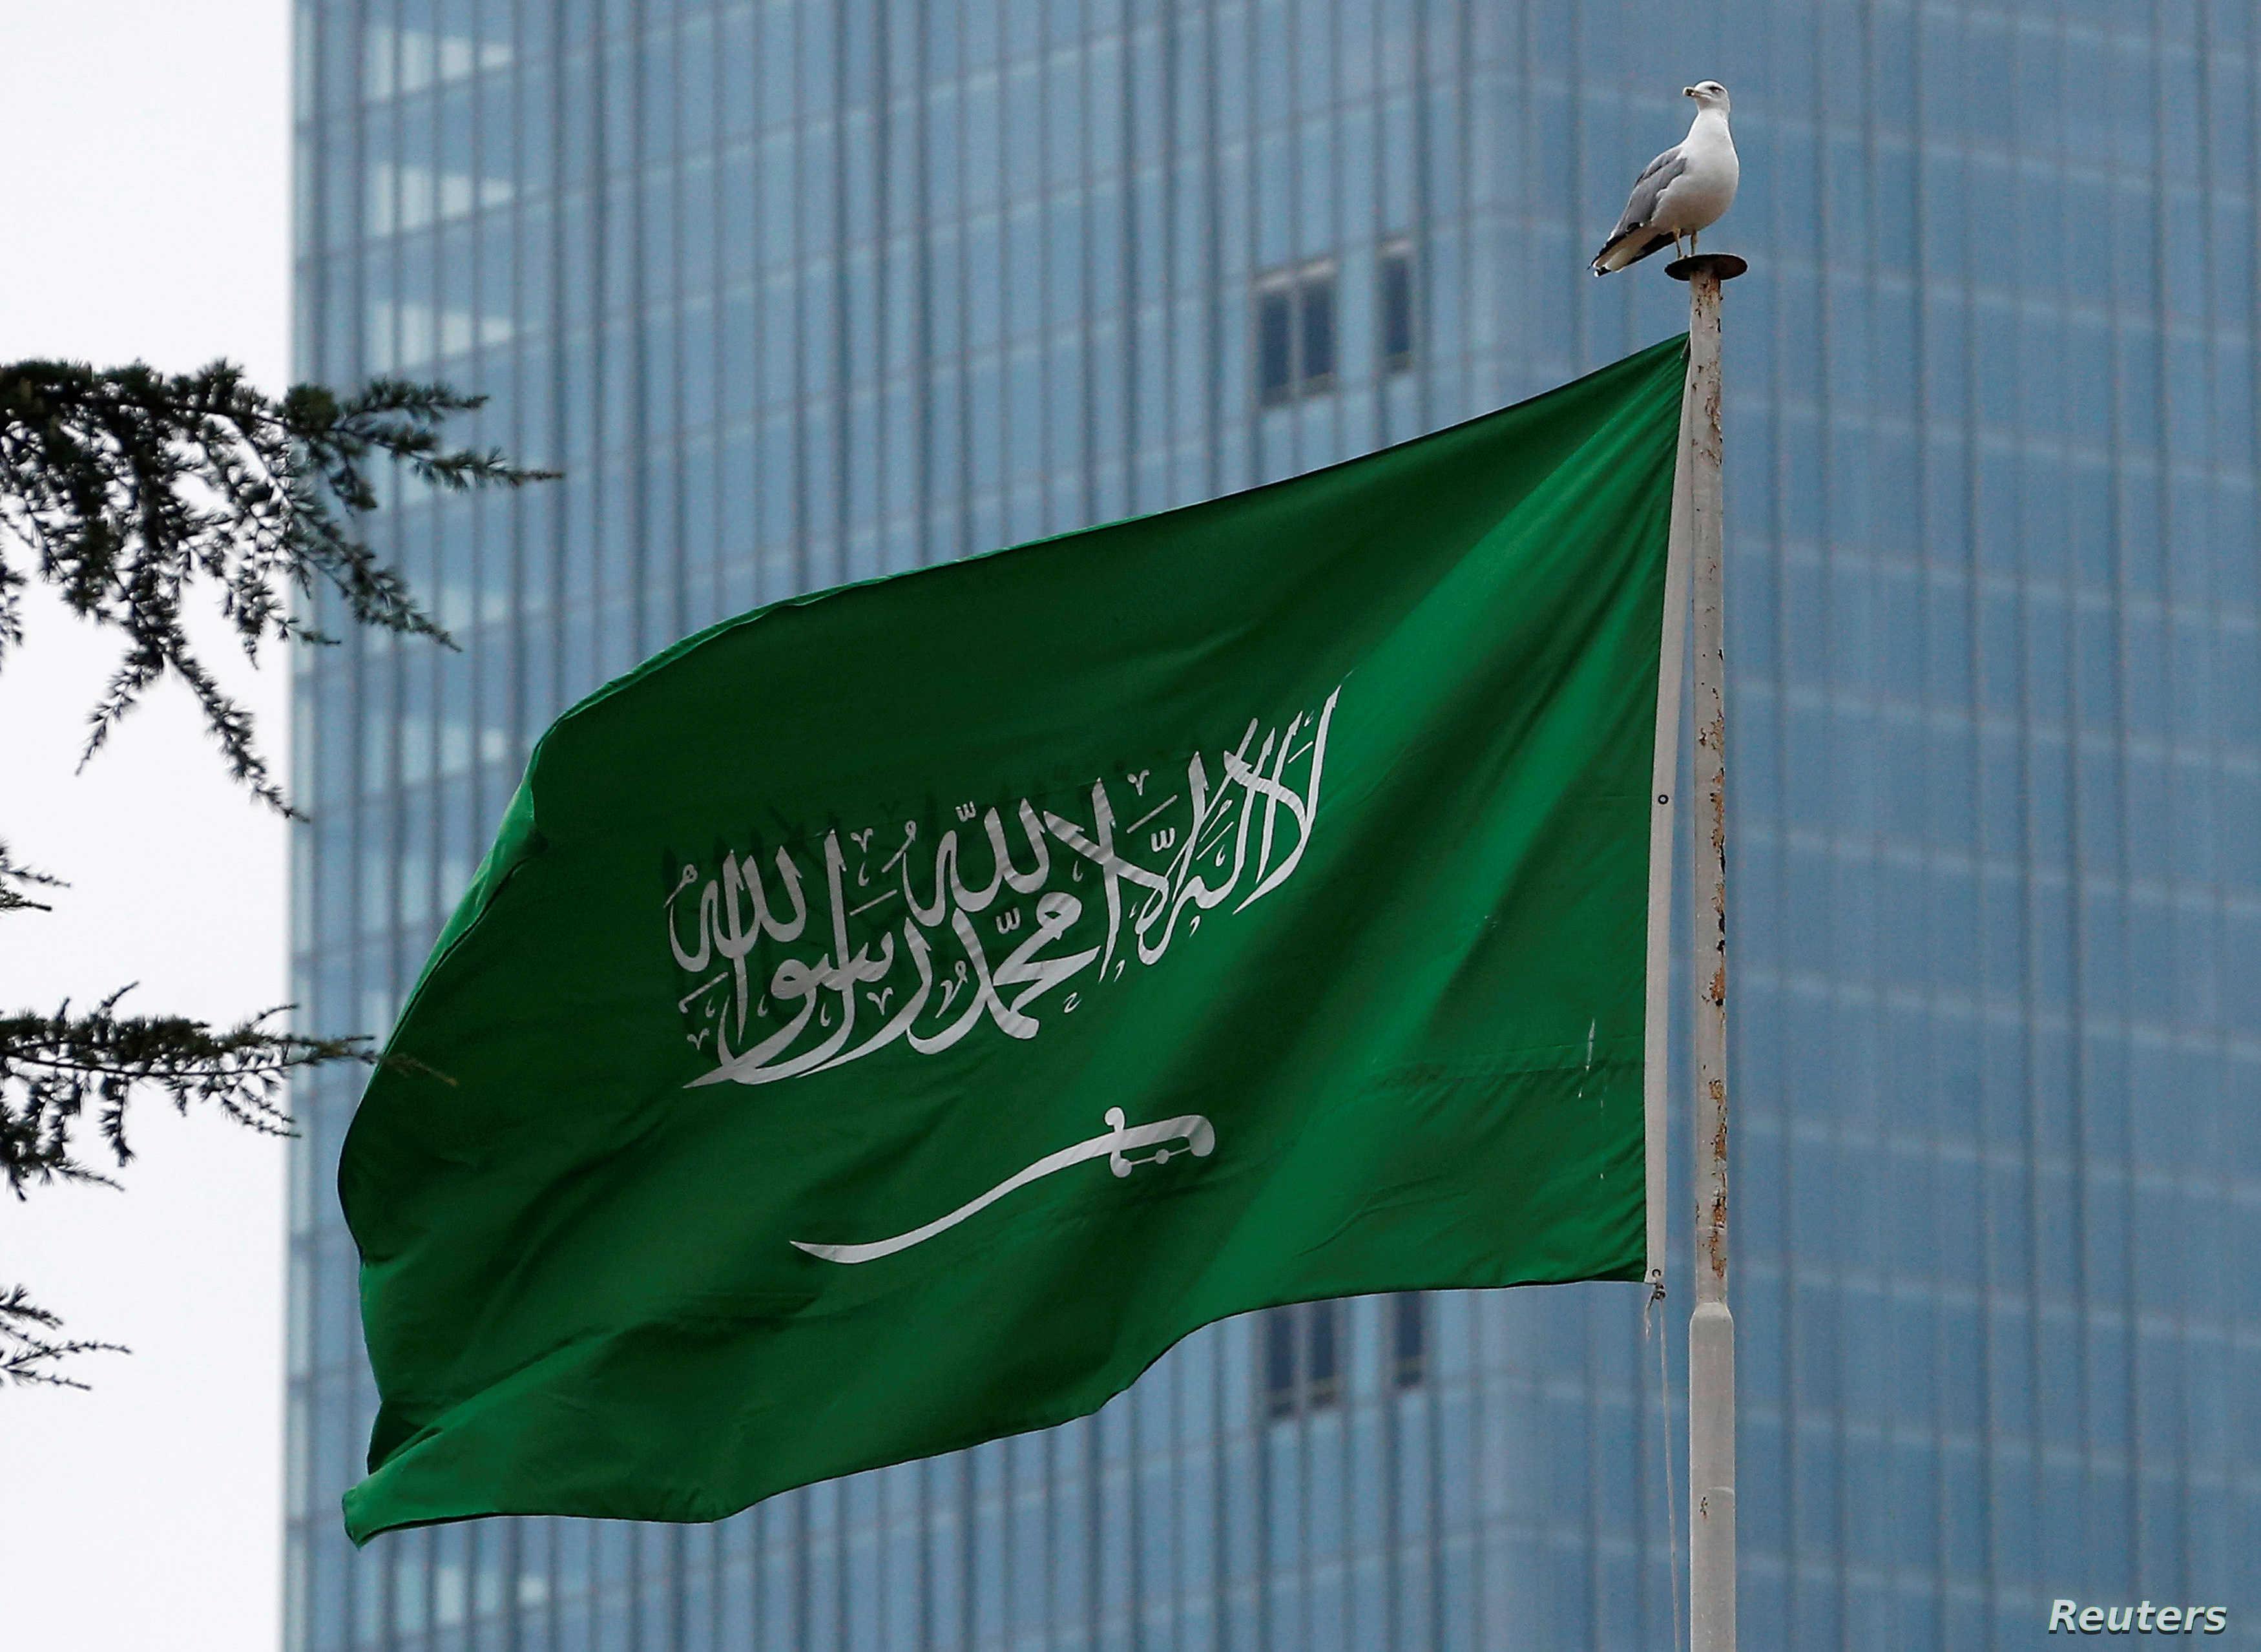 """نرفض الربط بين الإسلام والإرهاب"""".. السعودية تعلق على الرسوم الكاريكاتورية  للنبي محمد   الحرة"""